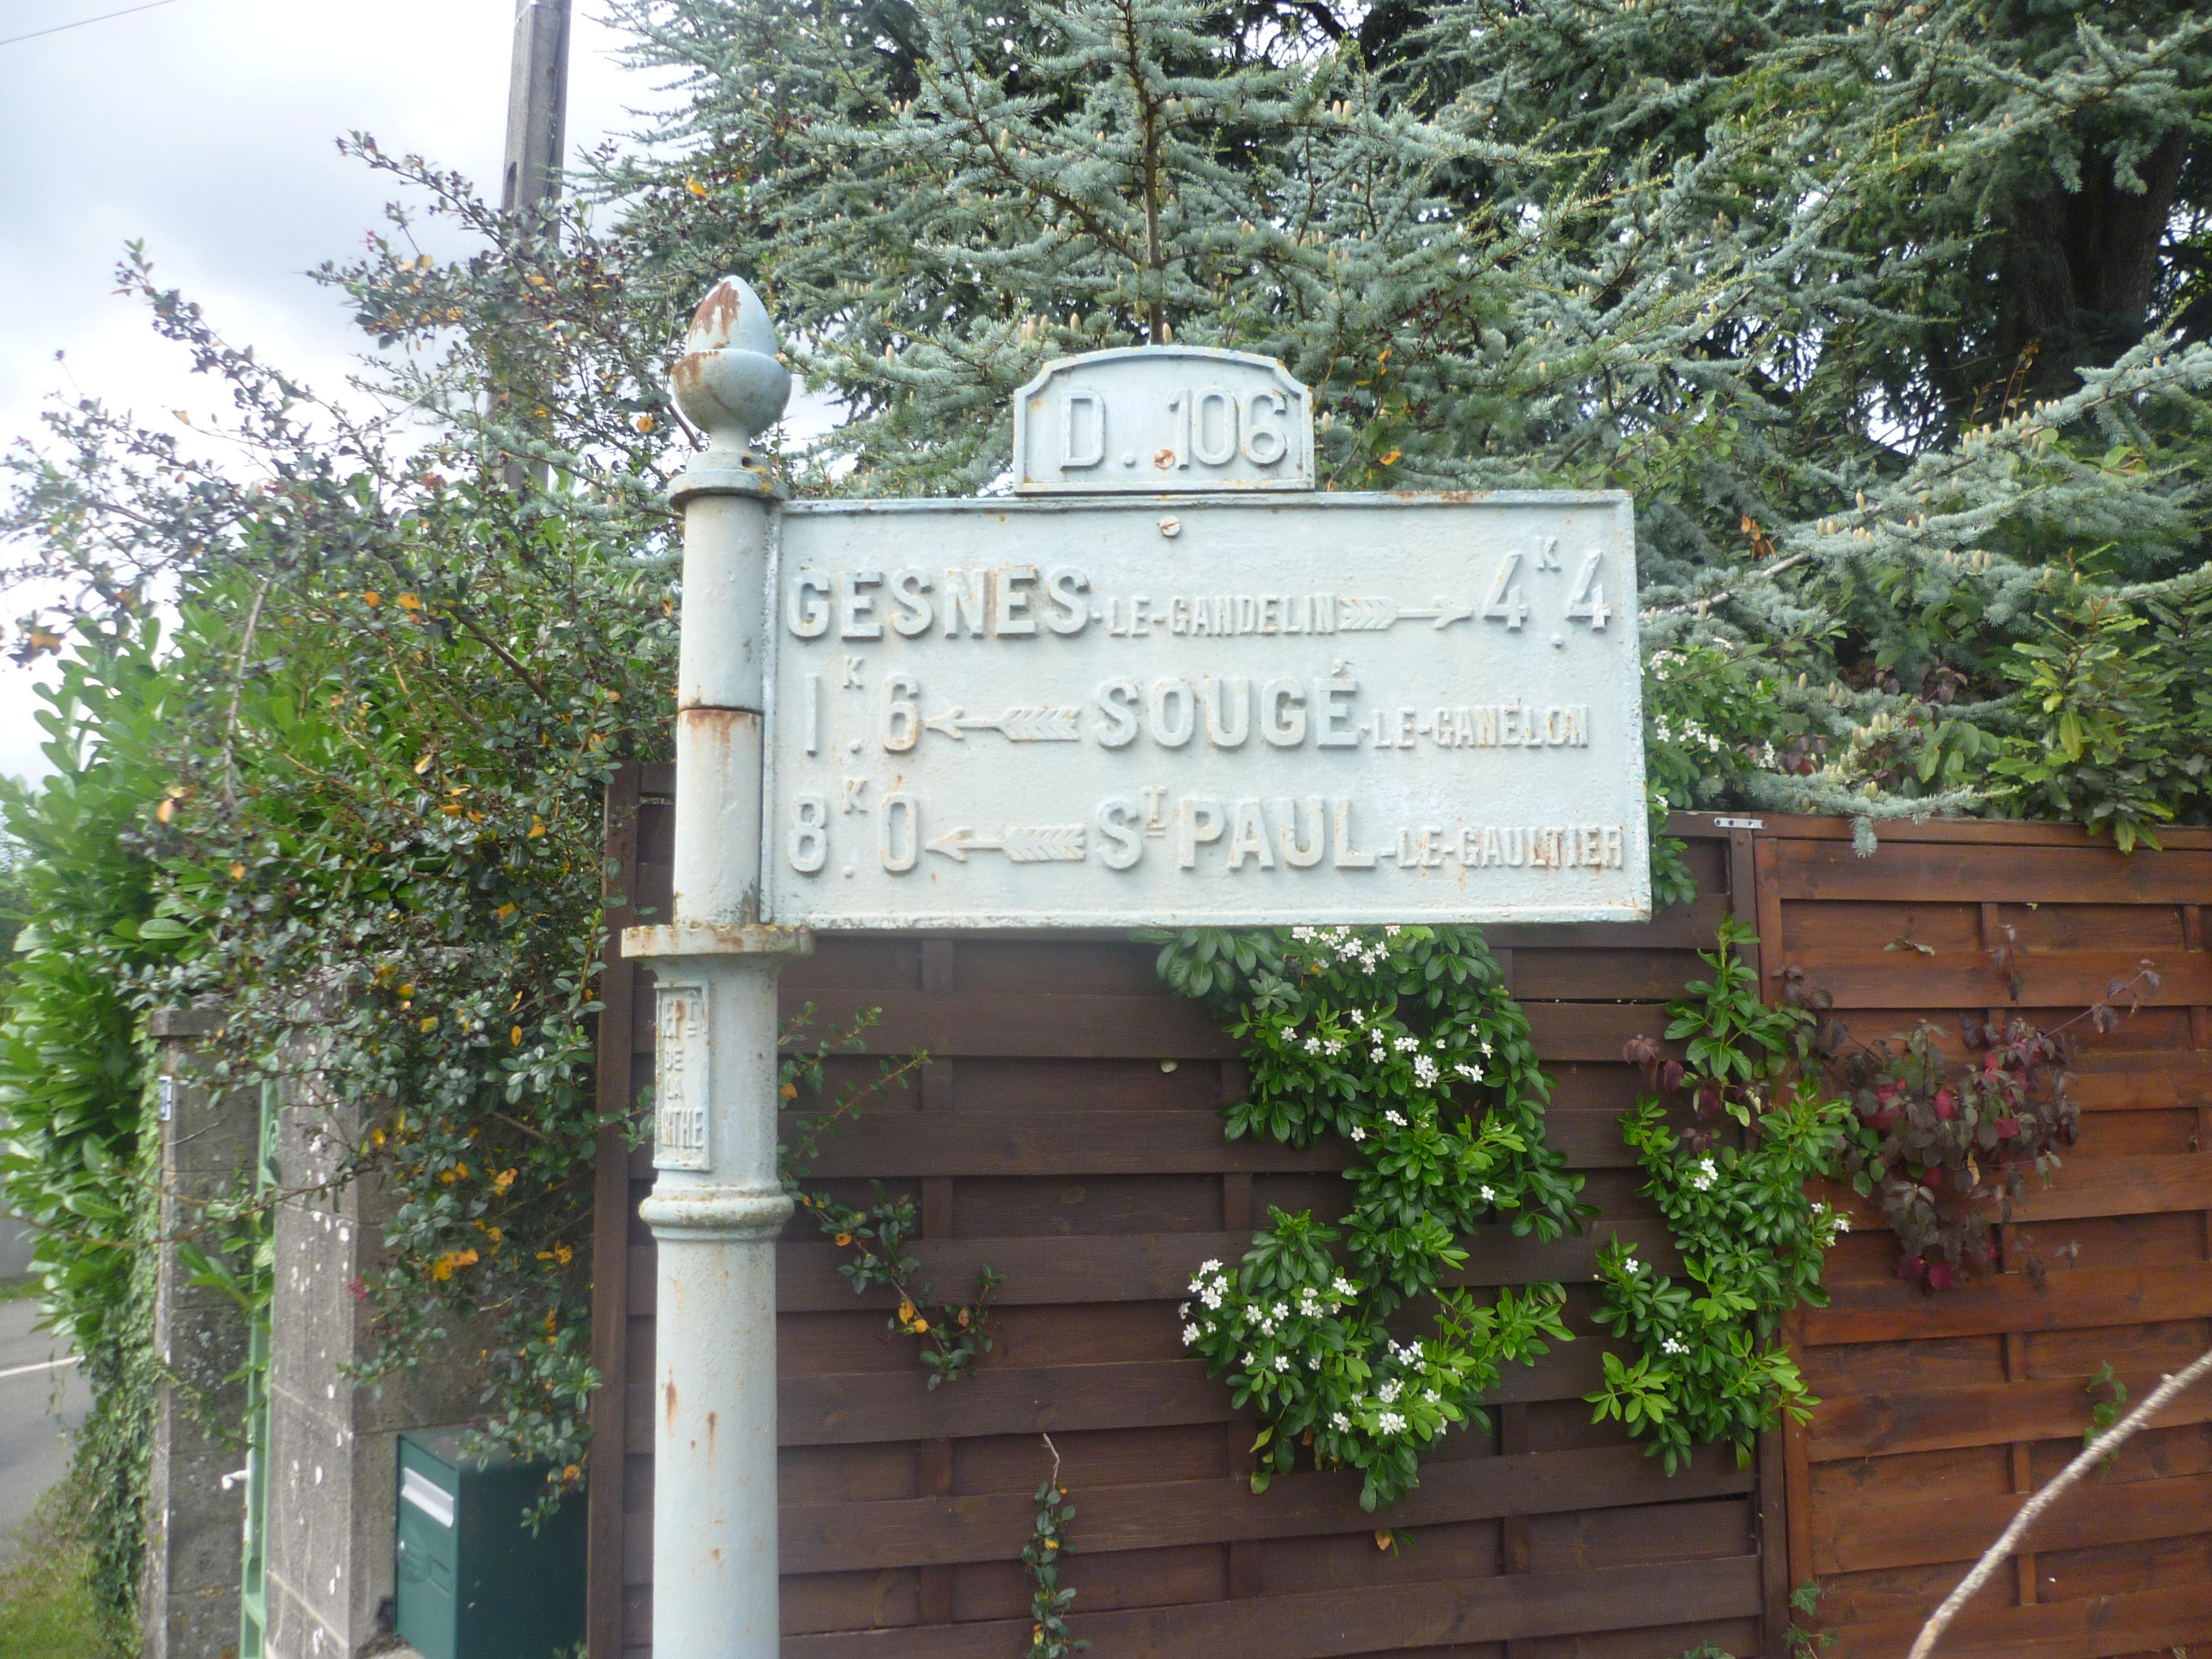 Assé le Boisne, rue de Bois Frou - Plaque de cocher - Gesnes le Gandelin - Sougé le Ganelon - Saint Paul le Gaultier (Gwéna Tireau)